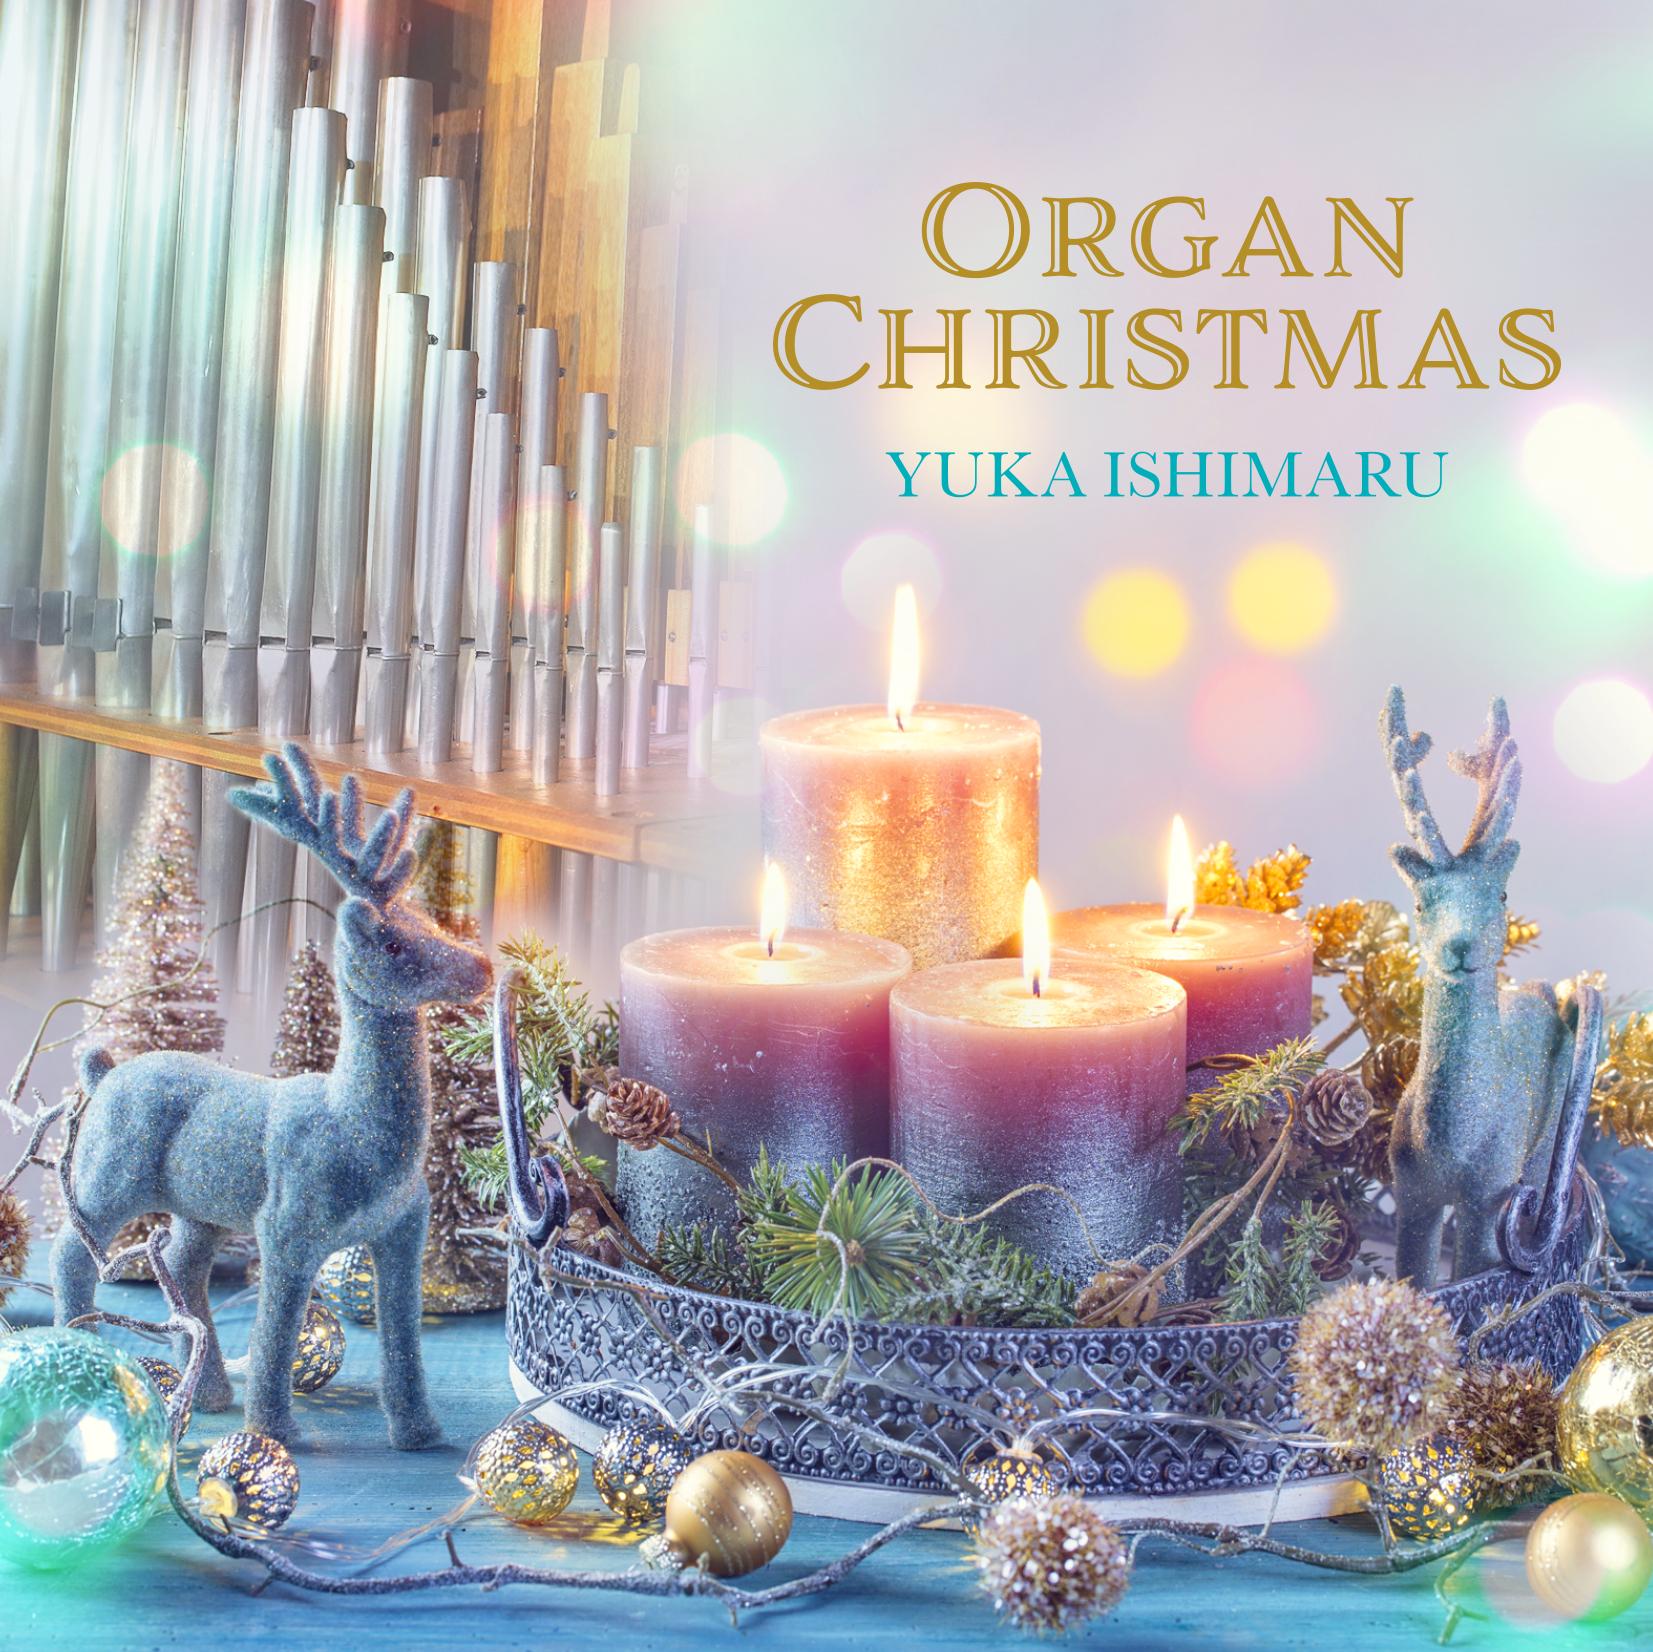 パイプオルガンのクリスマス